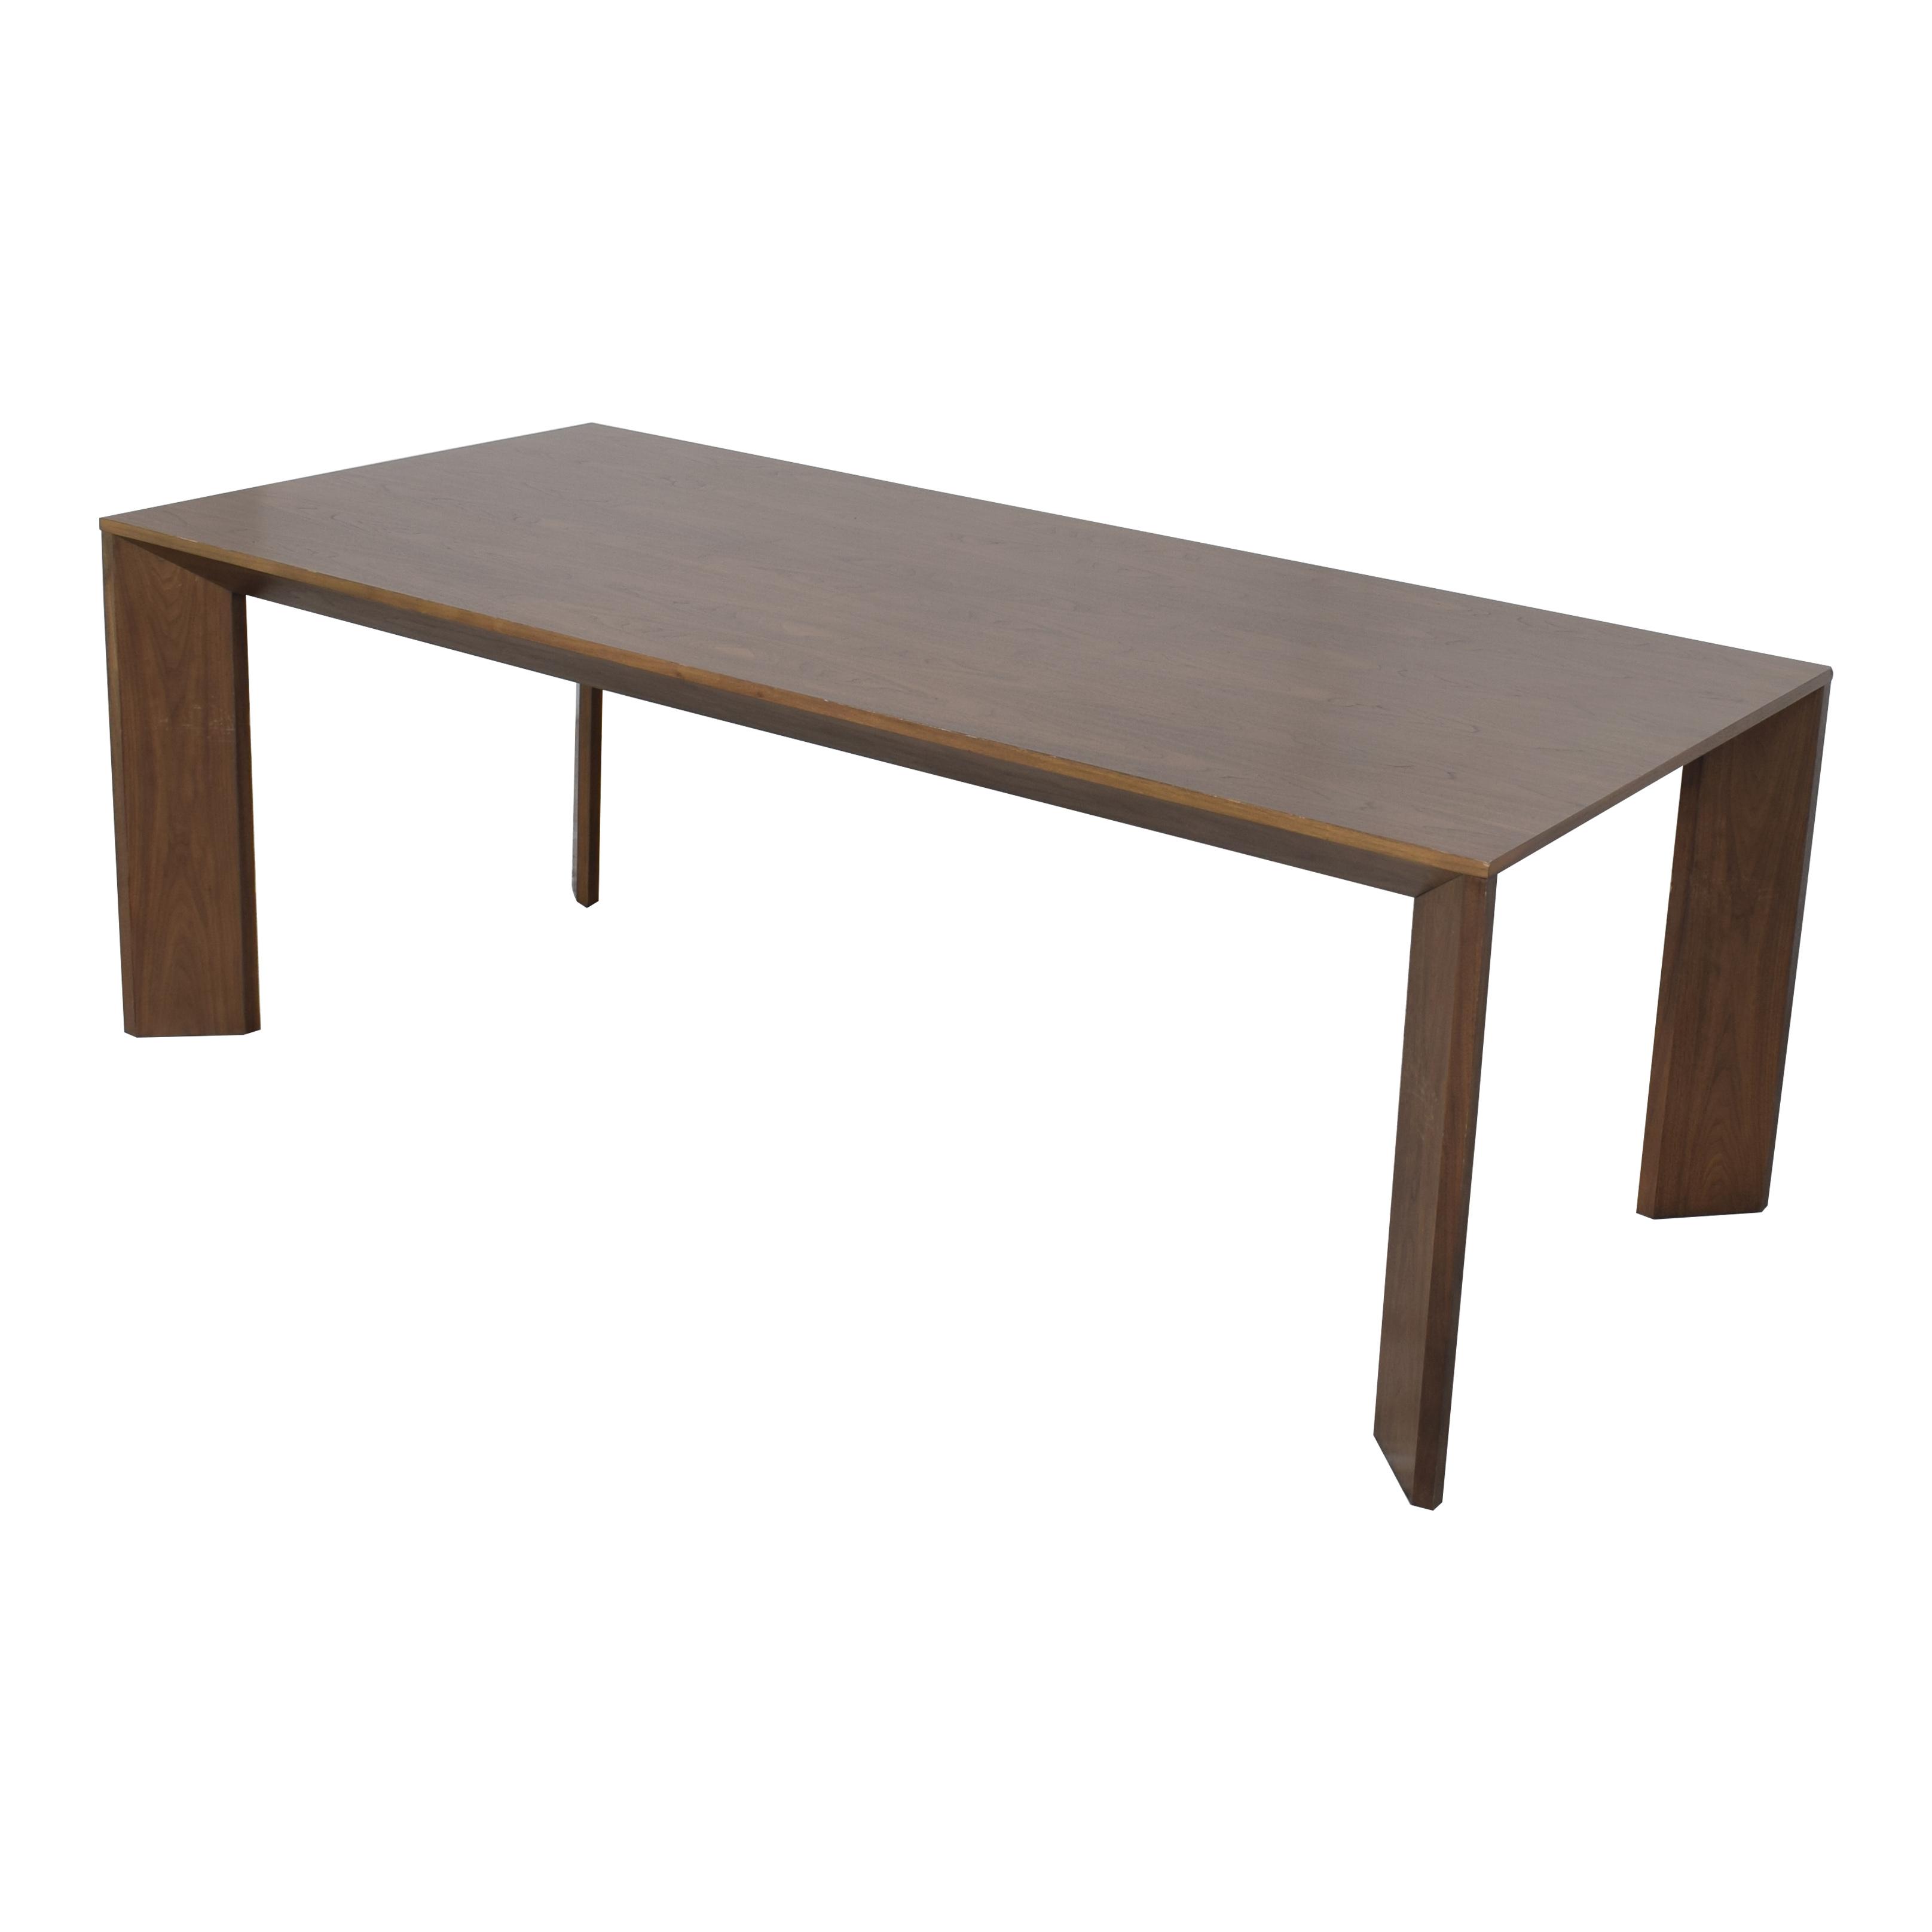 Restoration Hardware Arles Dining Table / Dinner Tables